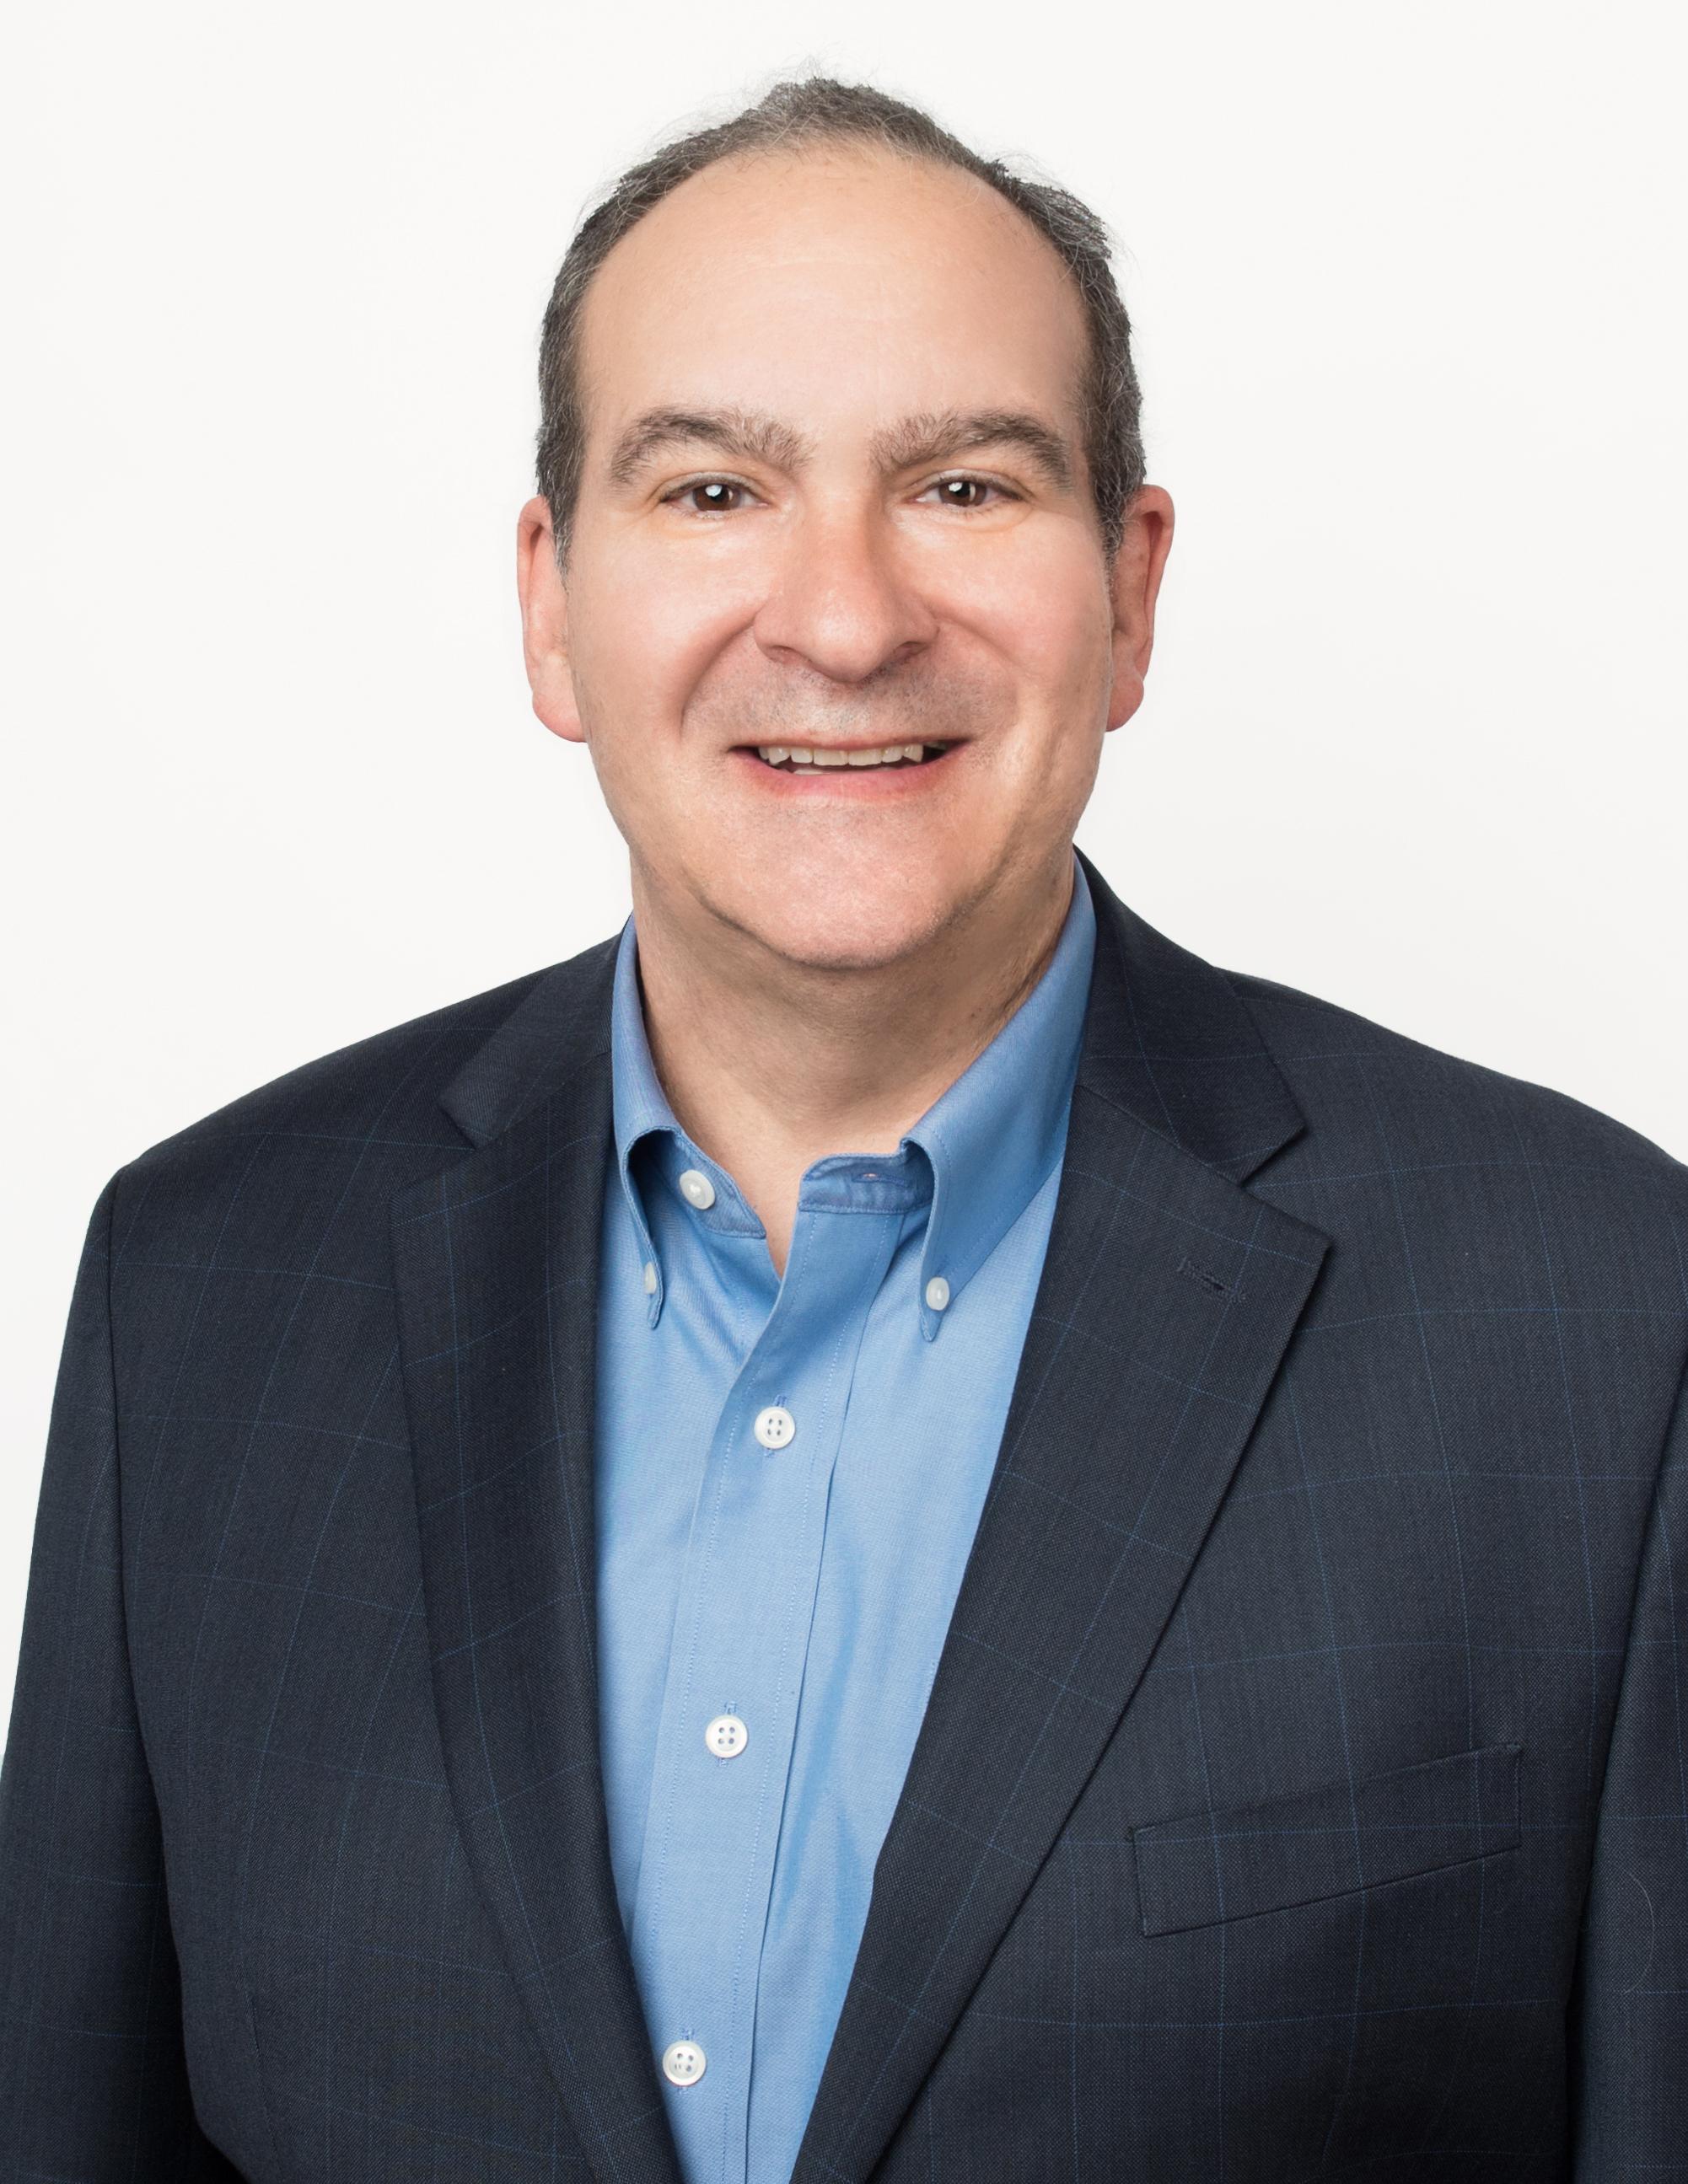 Headshot photo of Keith Belton